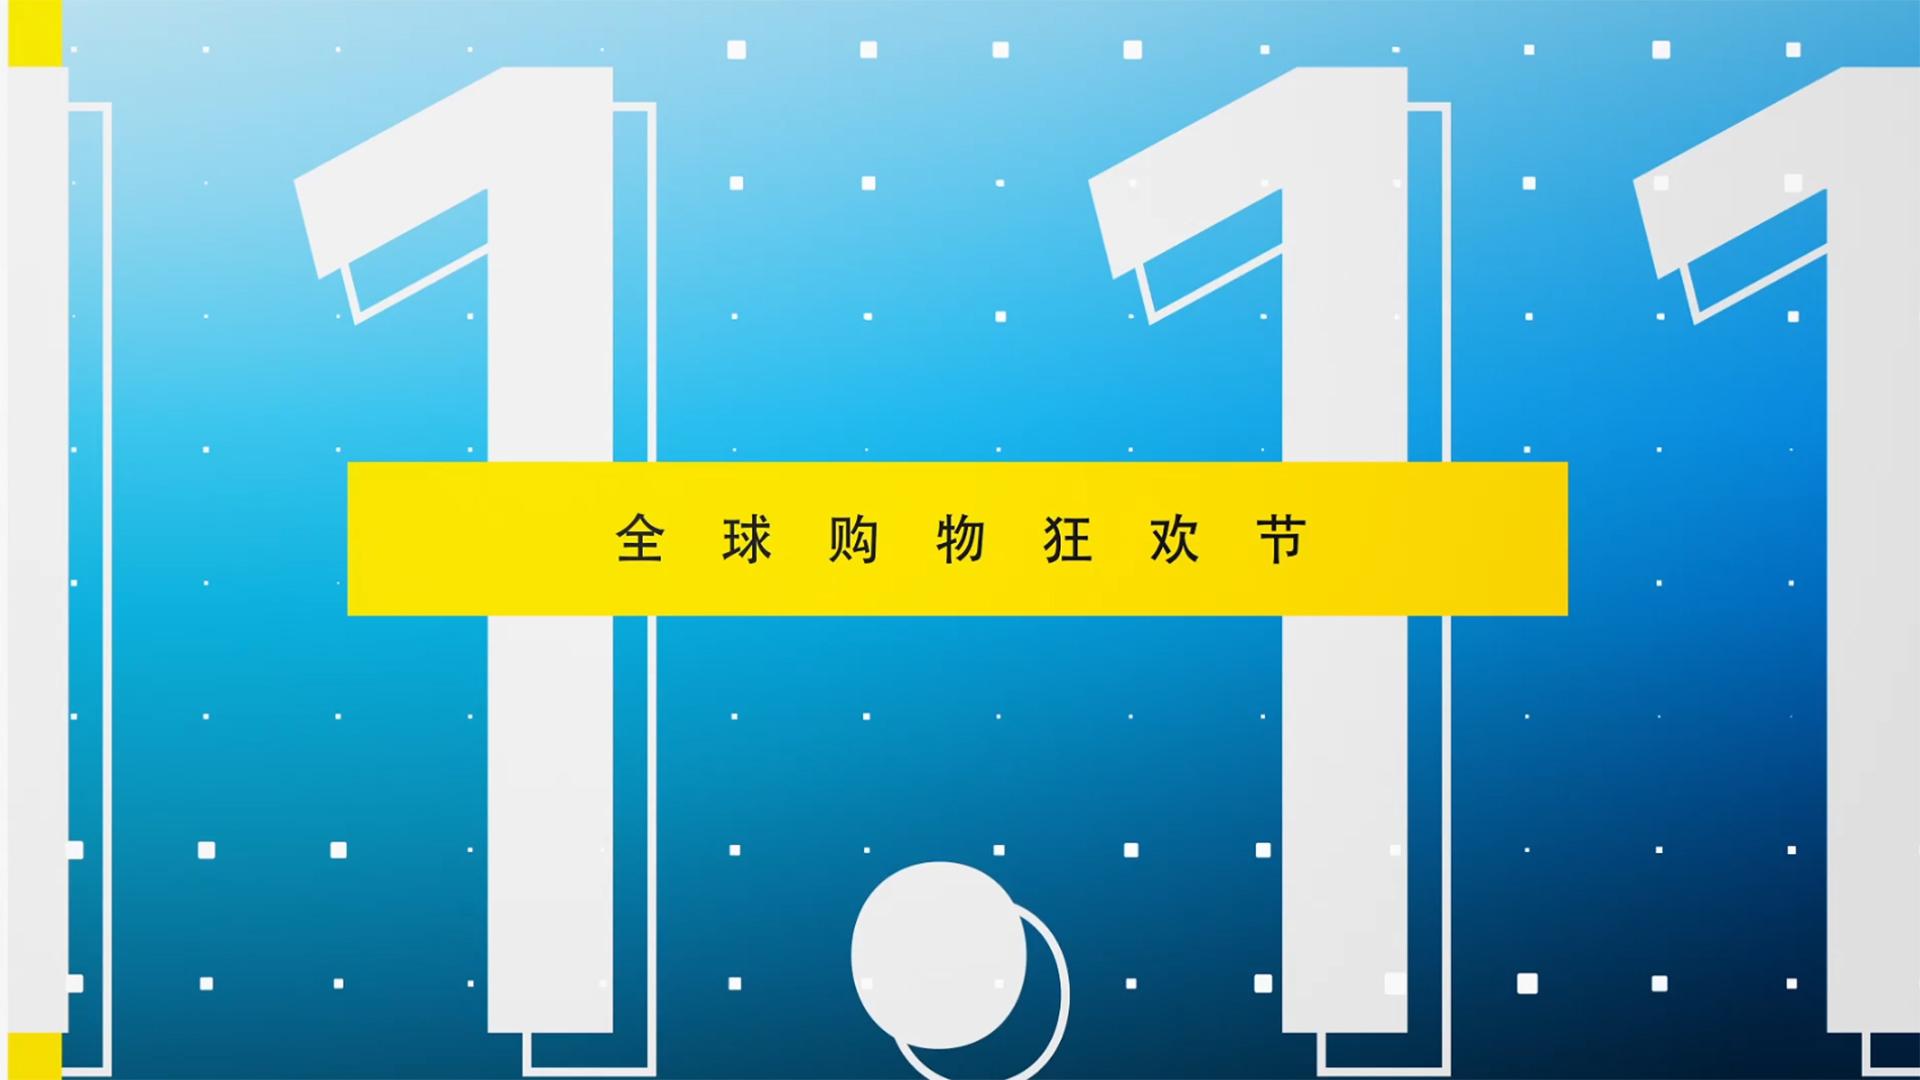 双11购物狂欢节图文AE模板